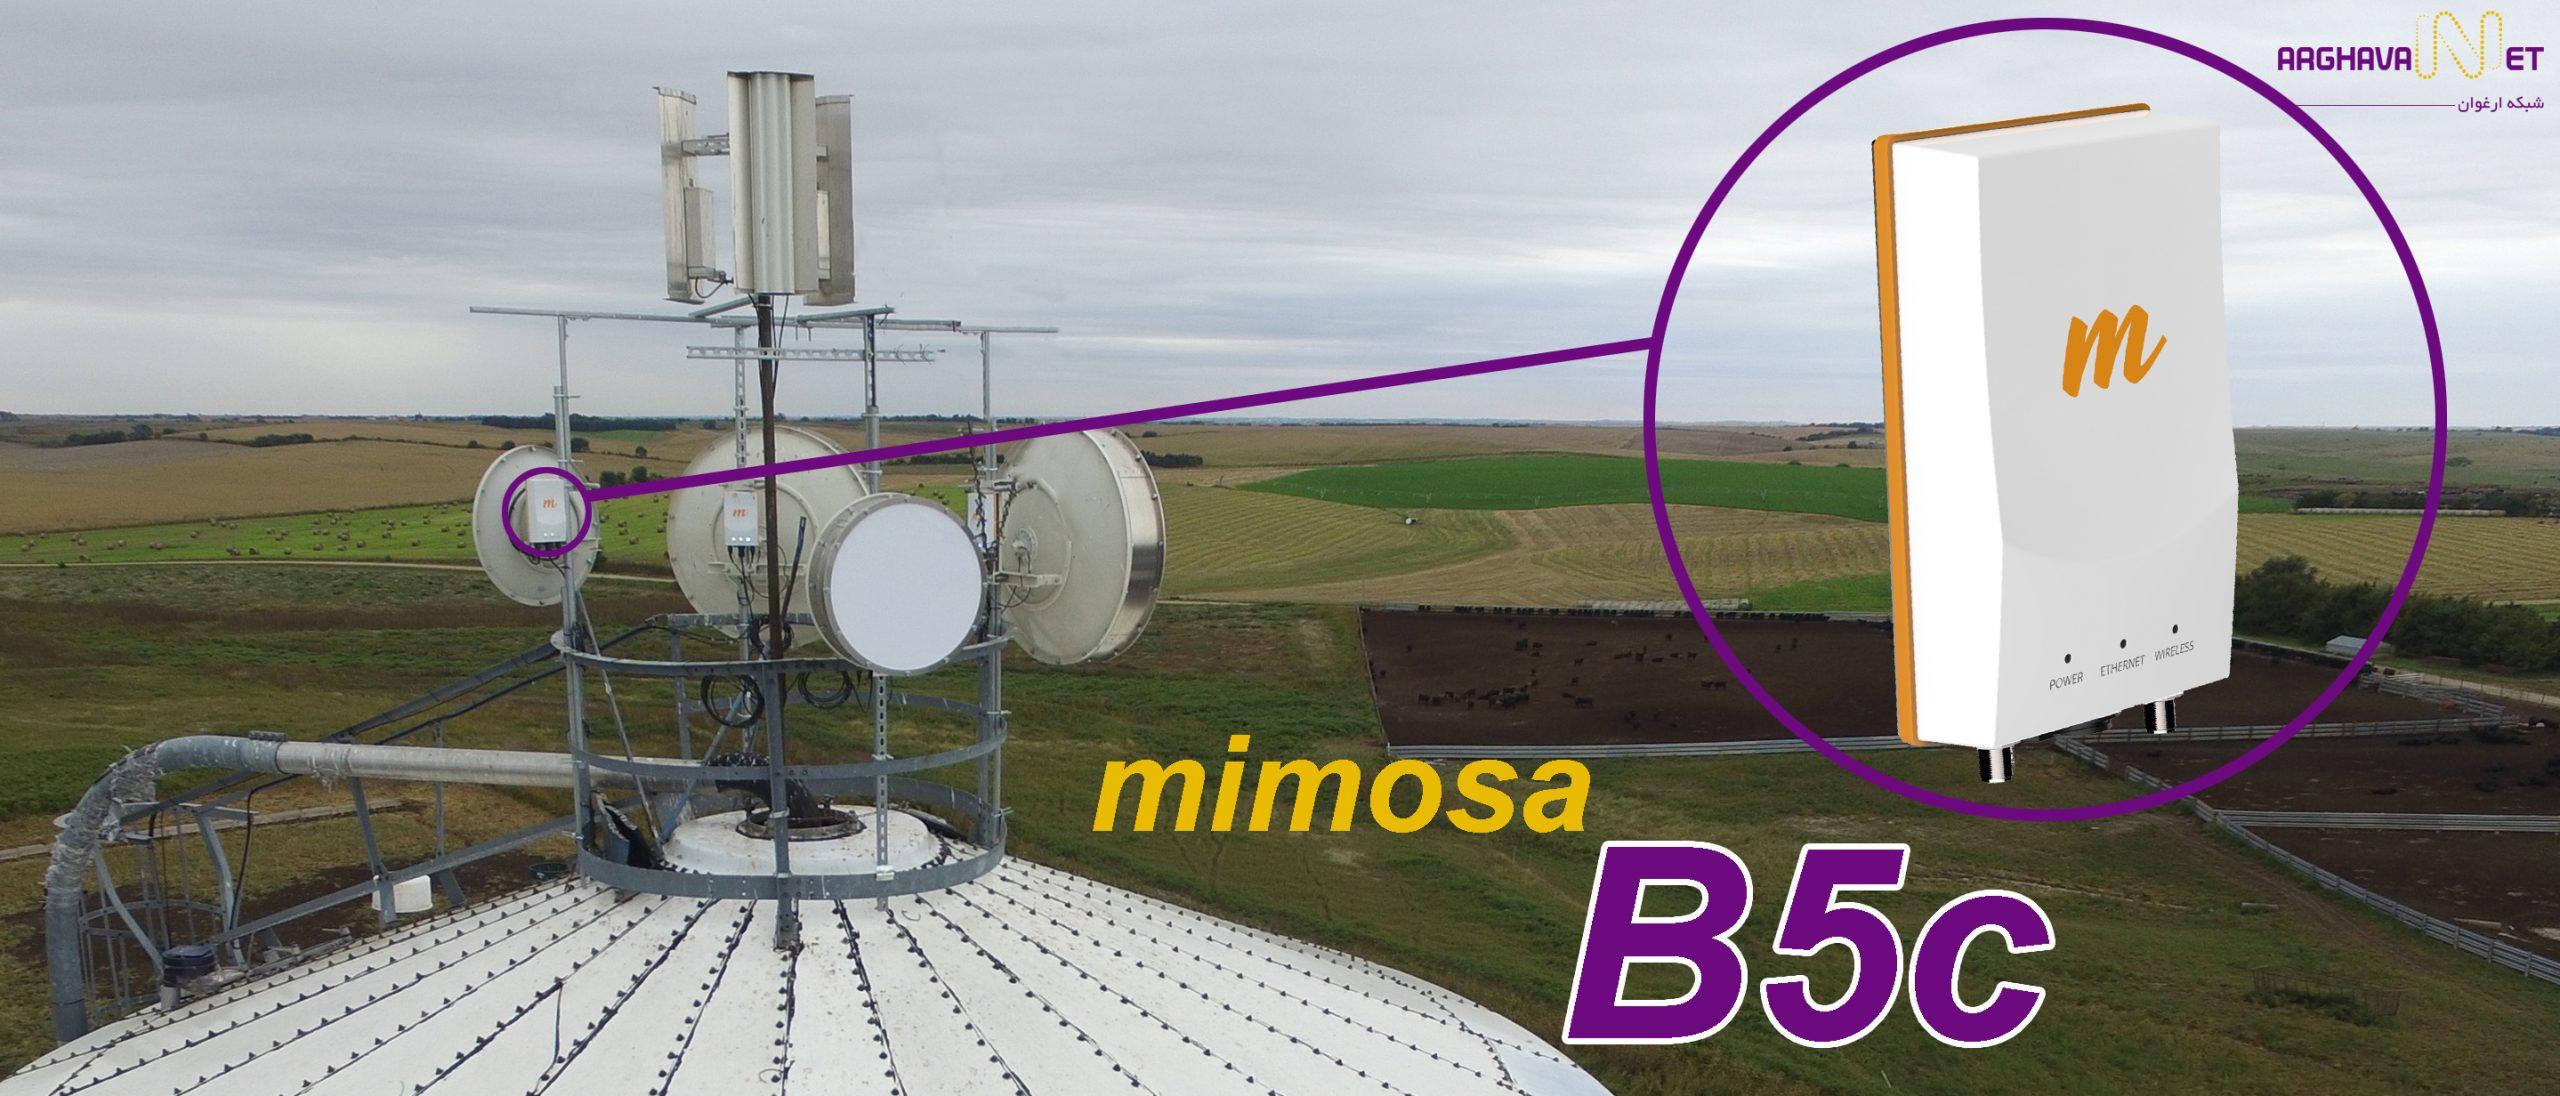 رادیو وایرلس میموسا b5c نصب شده